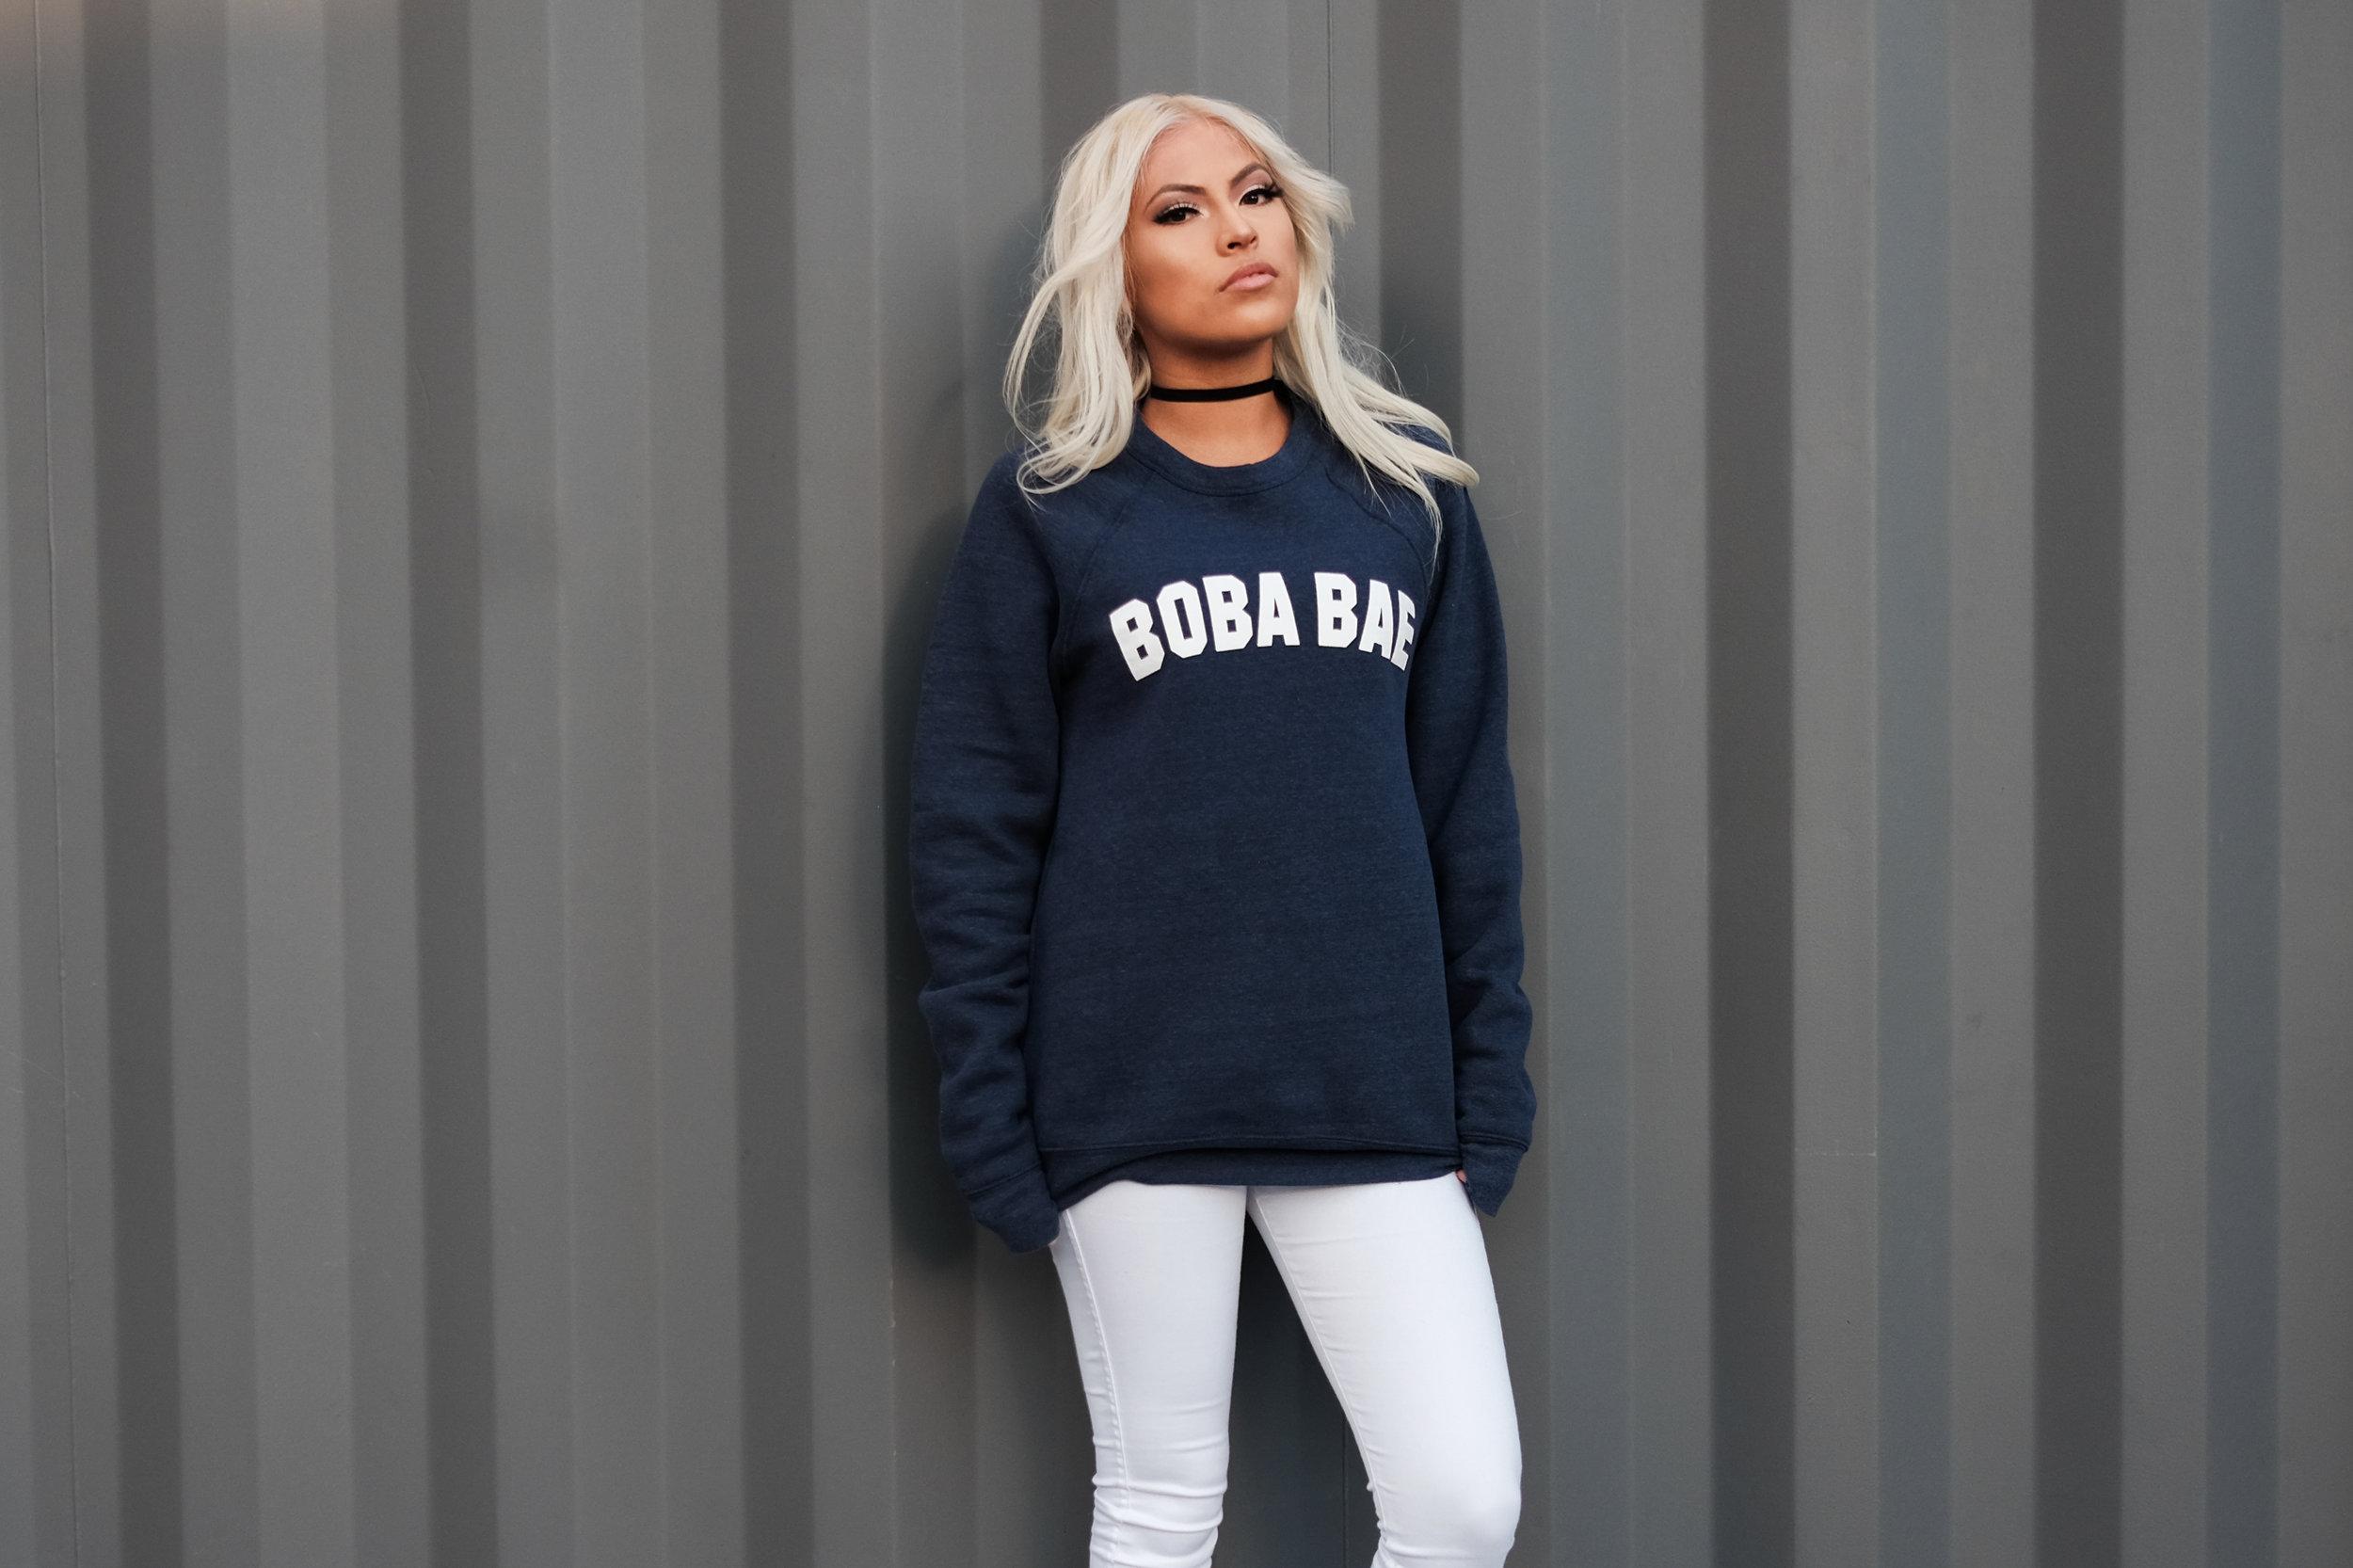 bobabae-22.jpg